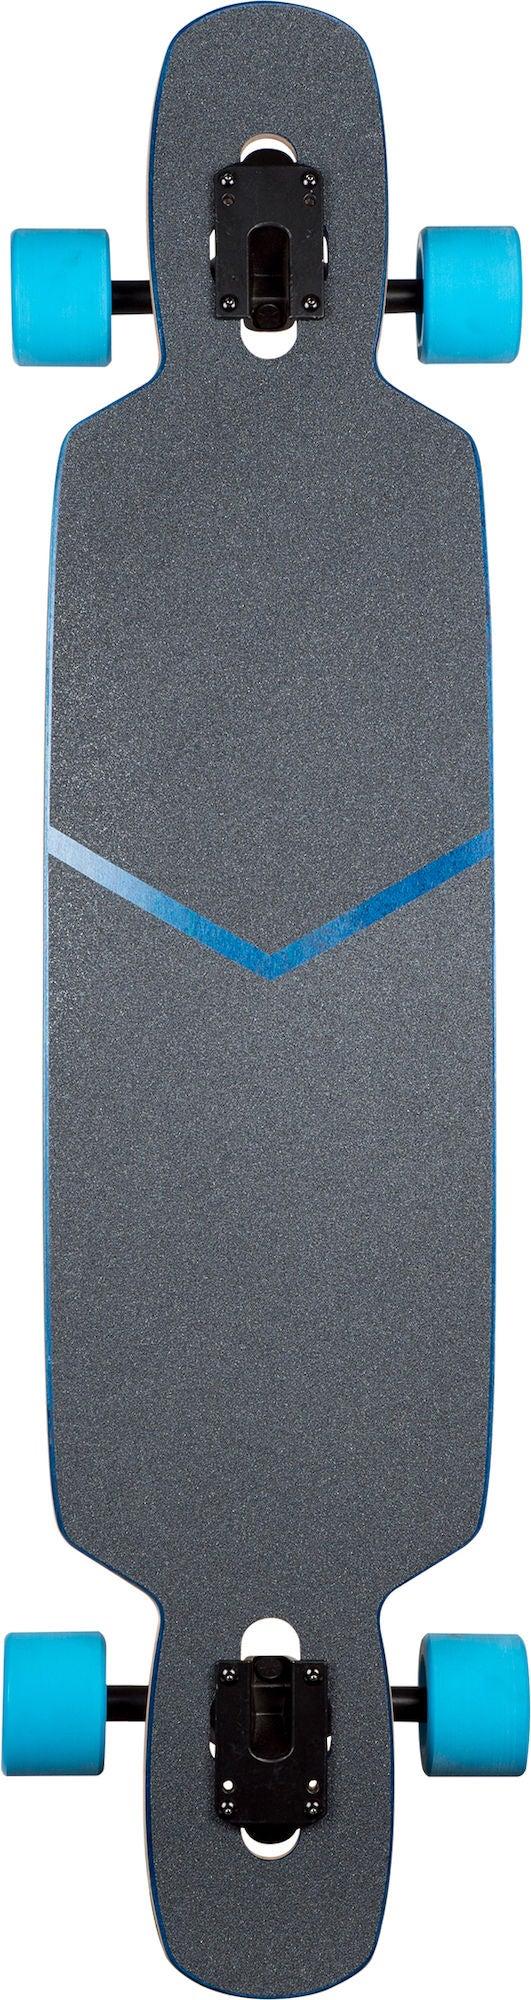 Wefunk Longboard Hexagon Twintip Blå